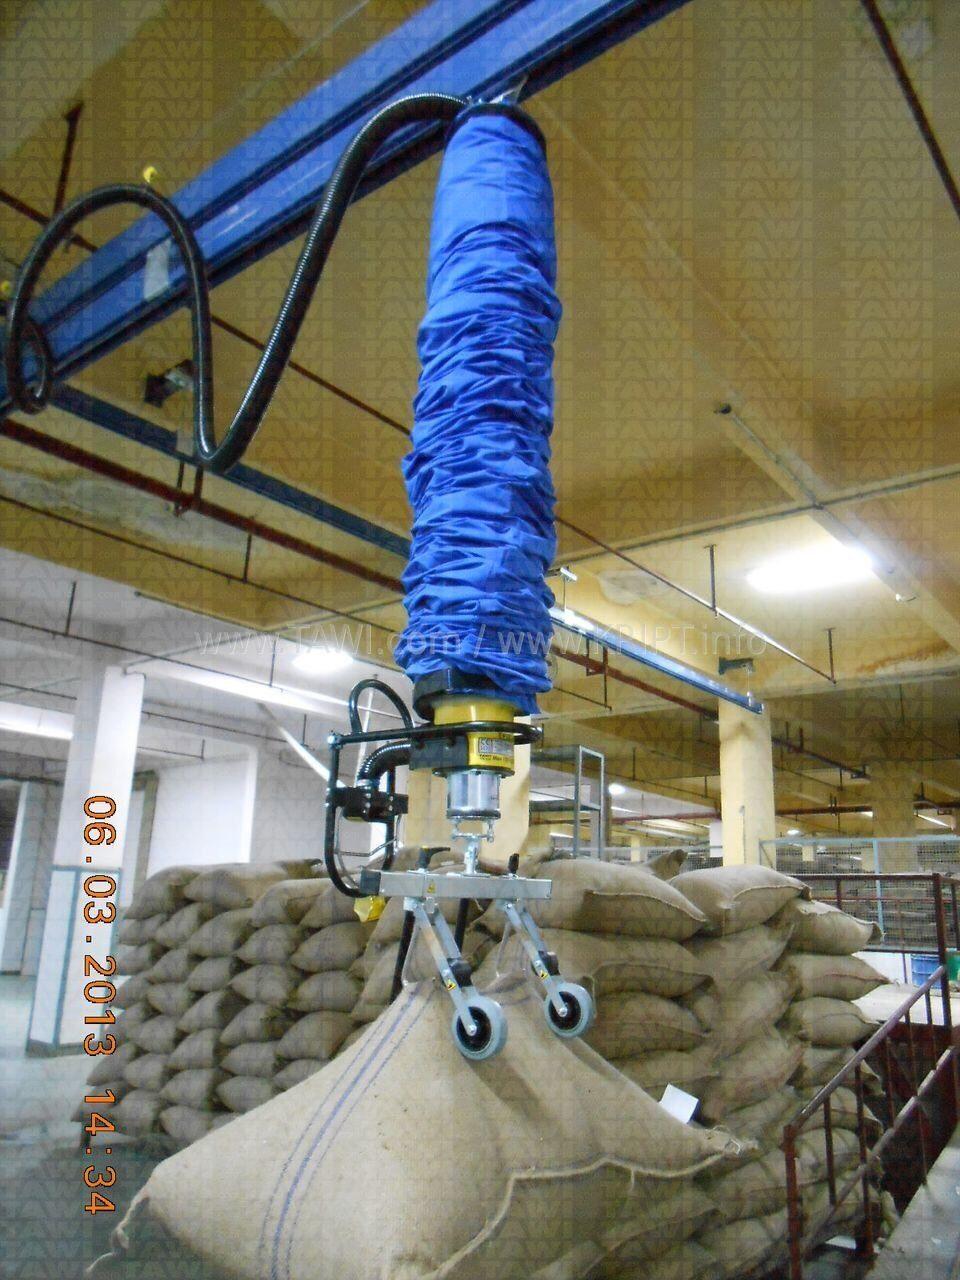 Шланговый подъёмник с двойным крюком для джутовых мешков